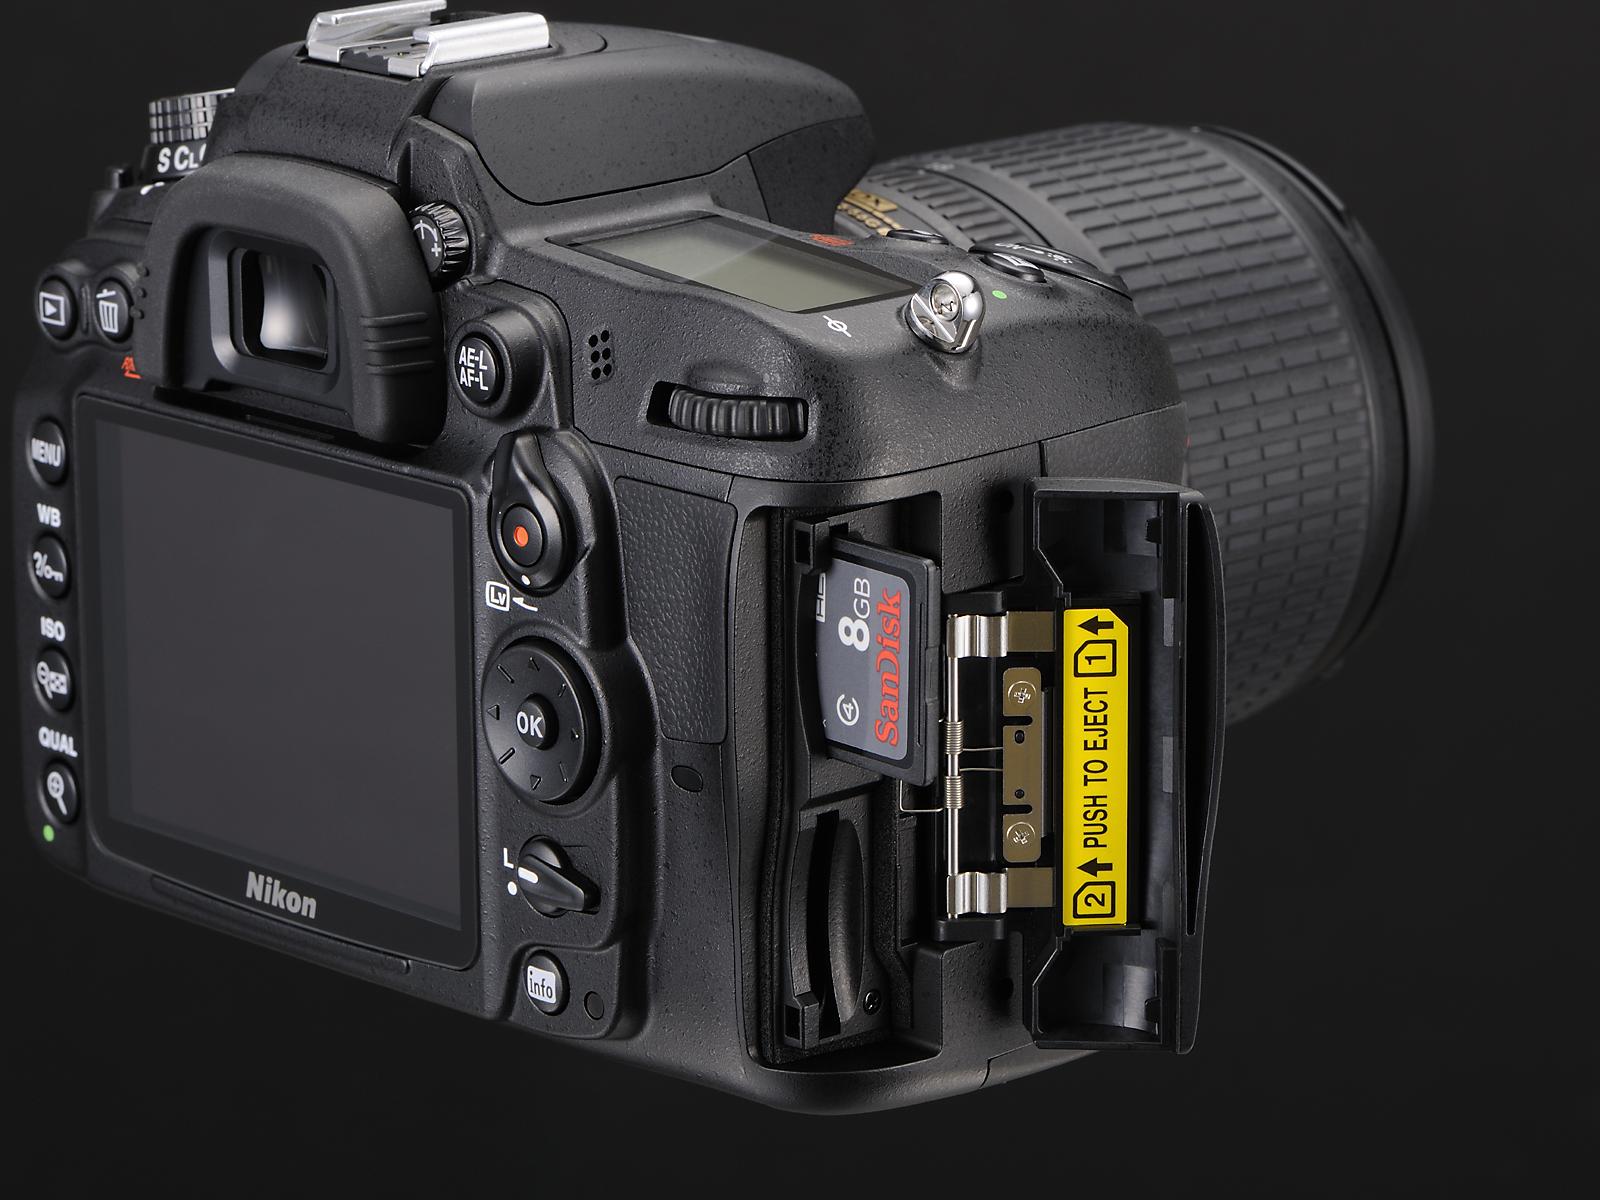 Nikon D7000 - 18